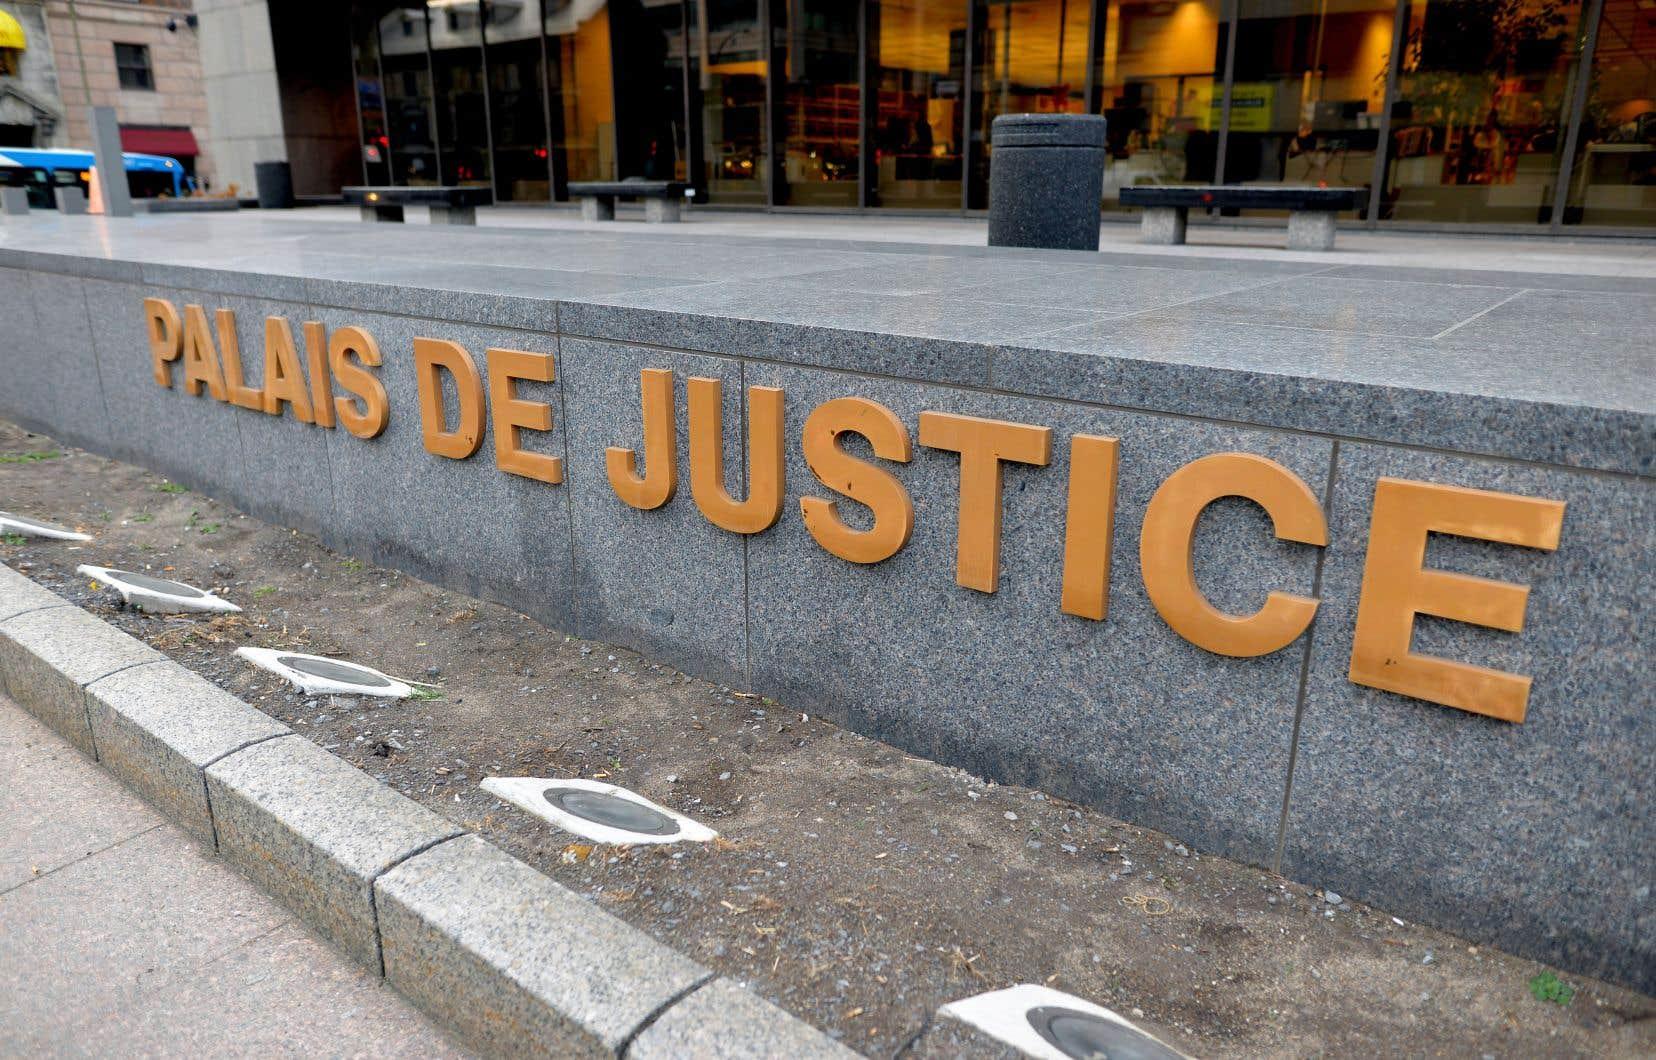 Le 13mars dernier, la Cour du Québec avait suspendu toutes ses activités habituelles en raison de la crise sanitaire. Seules les causes jugées urgentes ont pu être traitées.